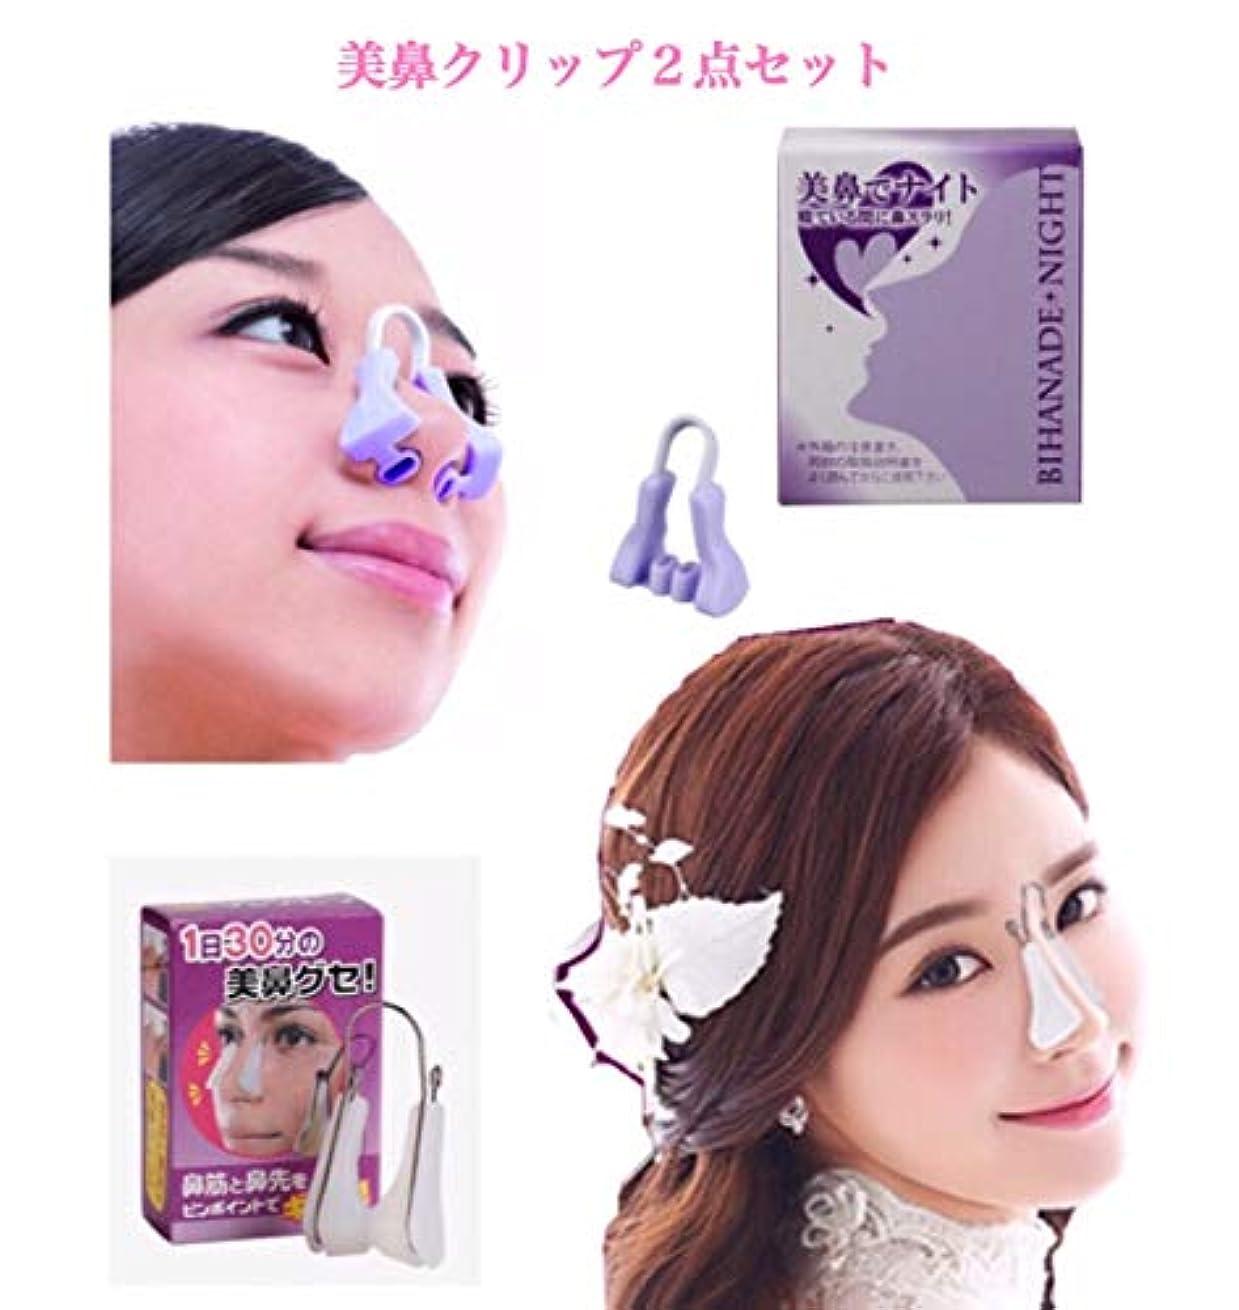 夜オンシーフードTrust Contact 美鼻クリップ 2点セット 美鼻 鼻筋 矯正 鼻プチ